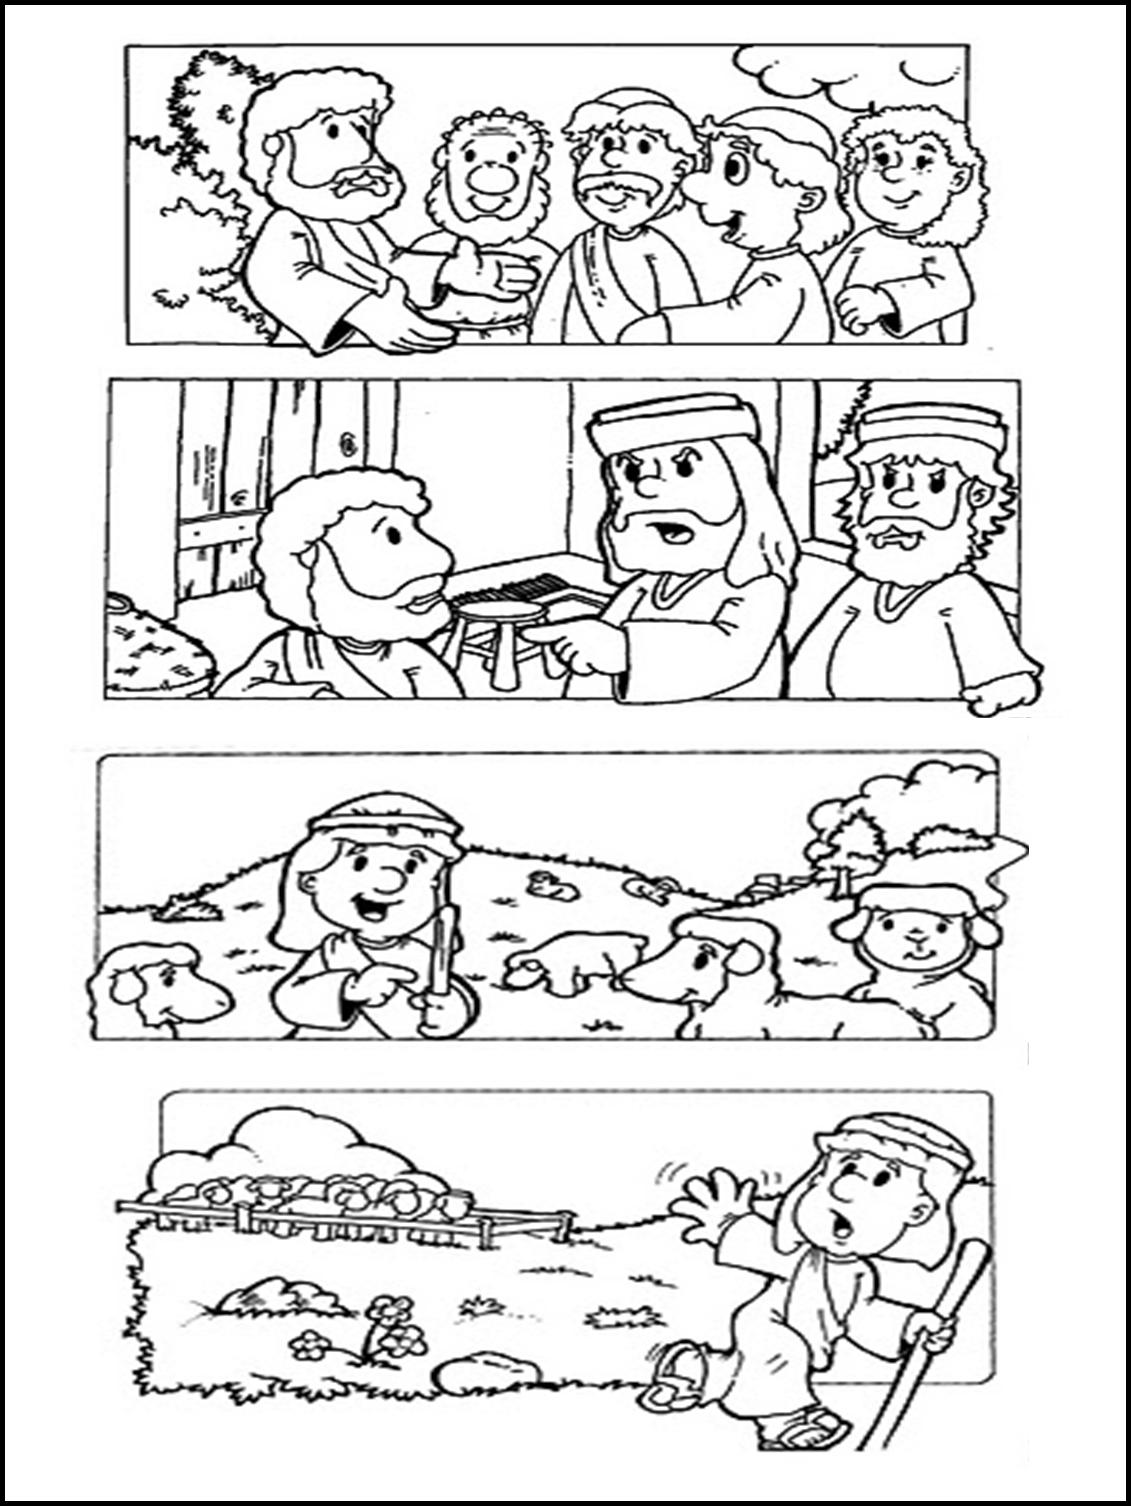 El Renuevo De Jehova: La Historia de Jose - Imagenes para colorear ...